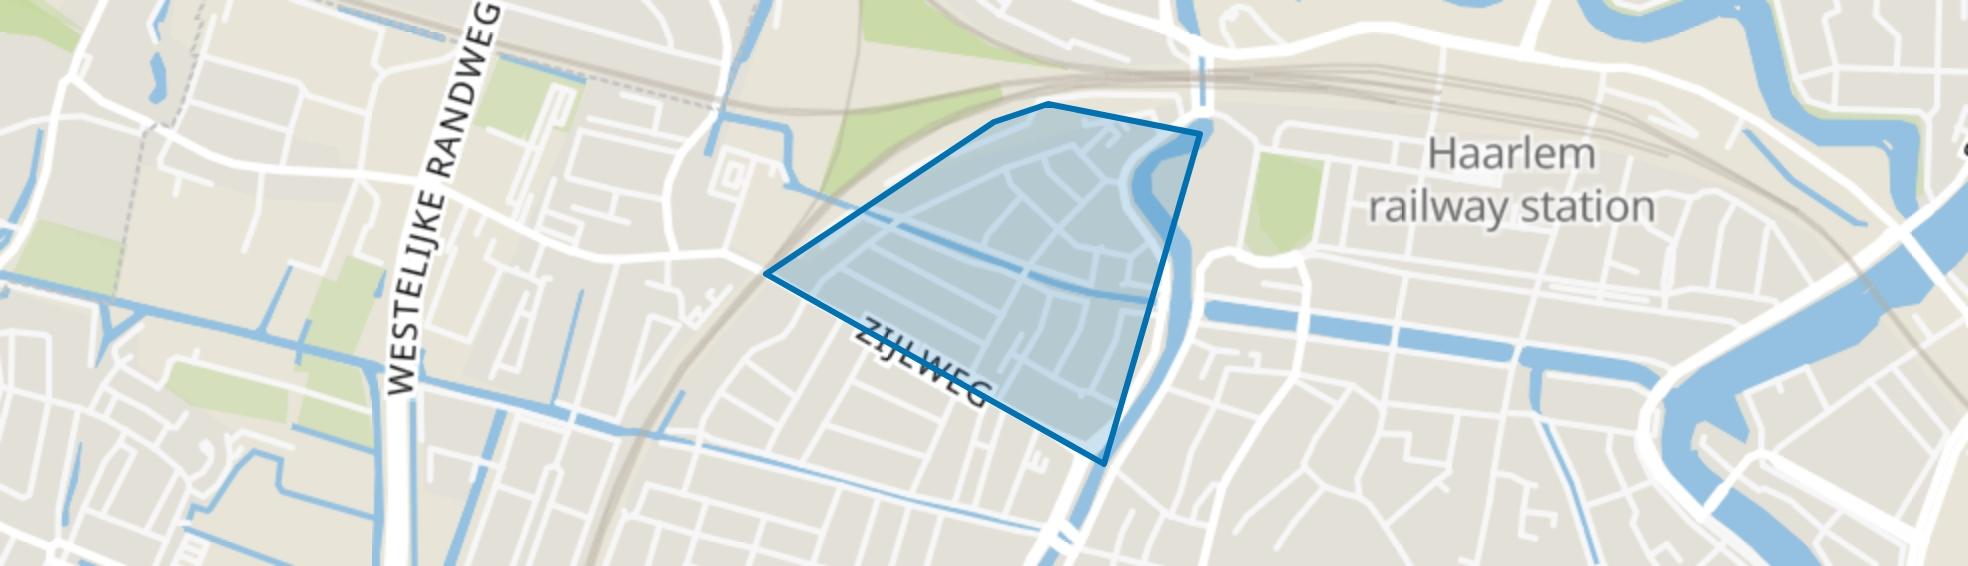 Garenkokerskwartier, Haarlem map